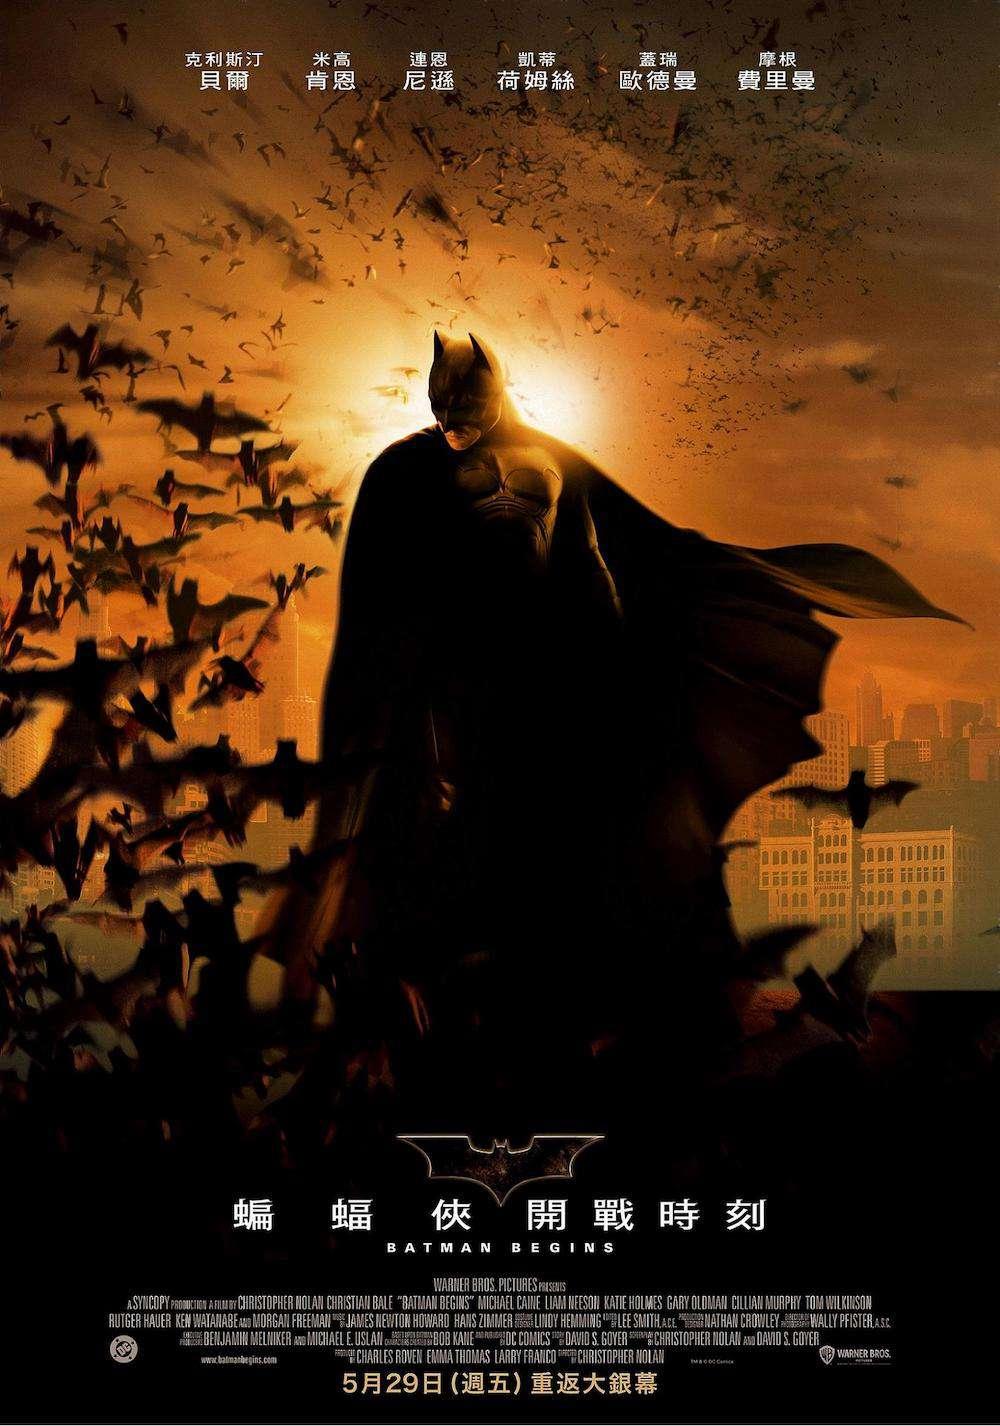 蝙蝠俠:開戰時刻_Batman Begins_電影海報